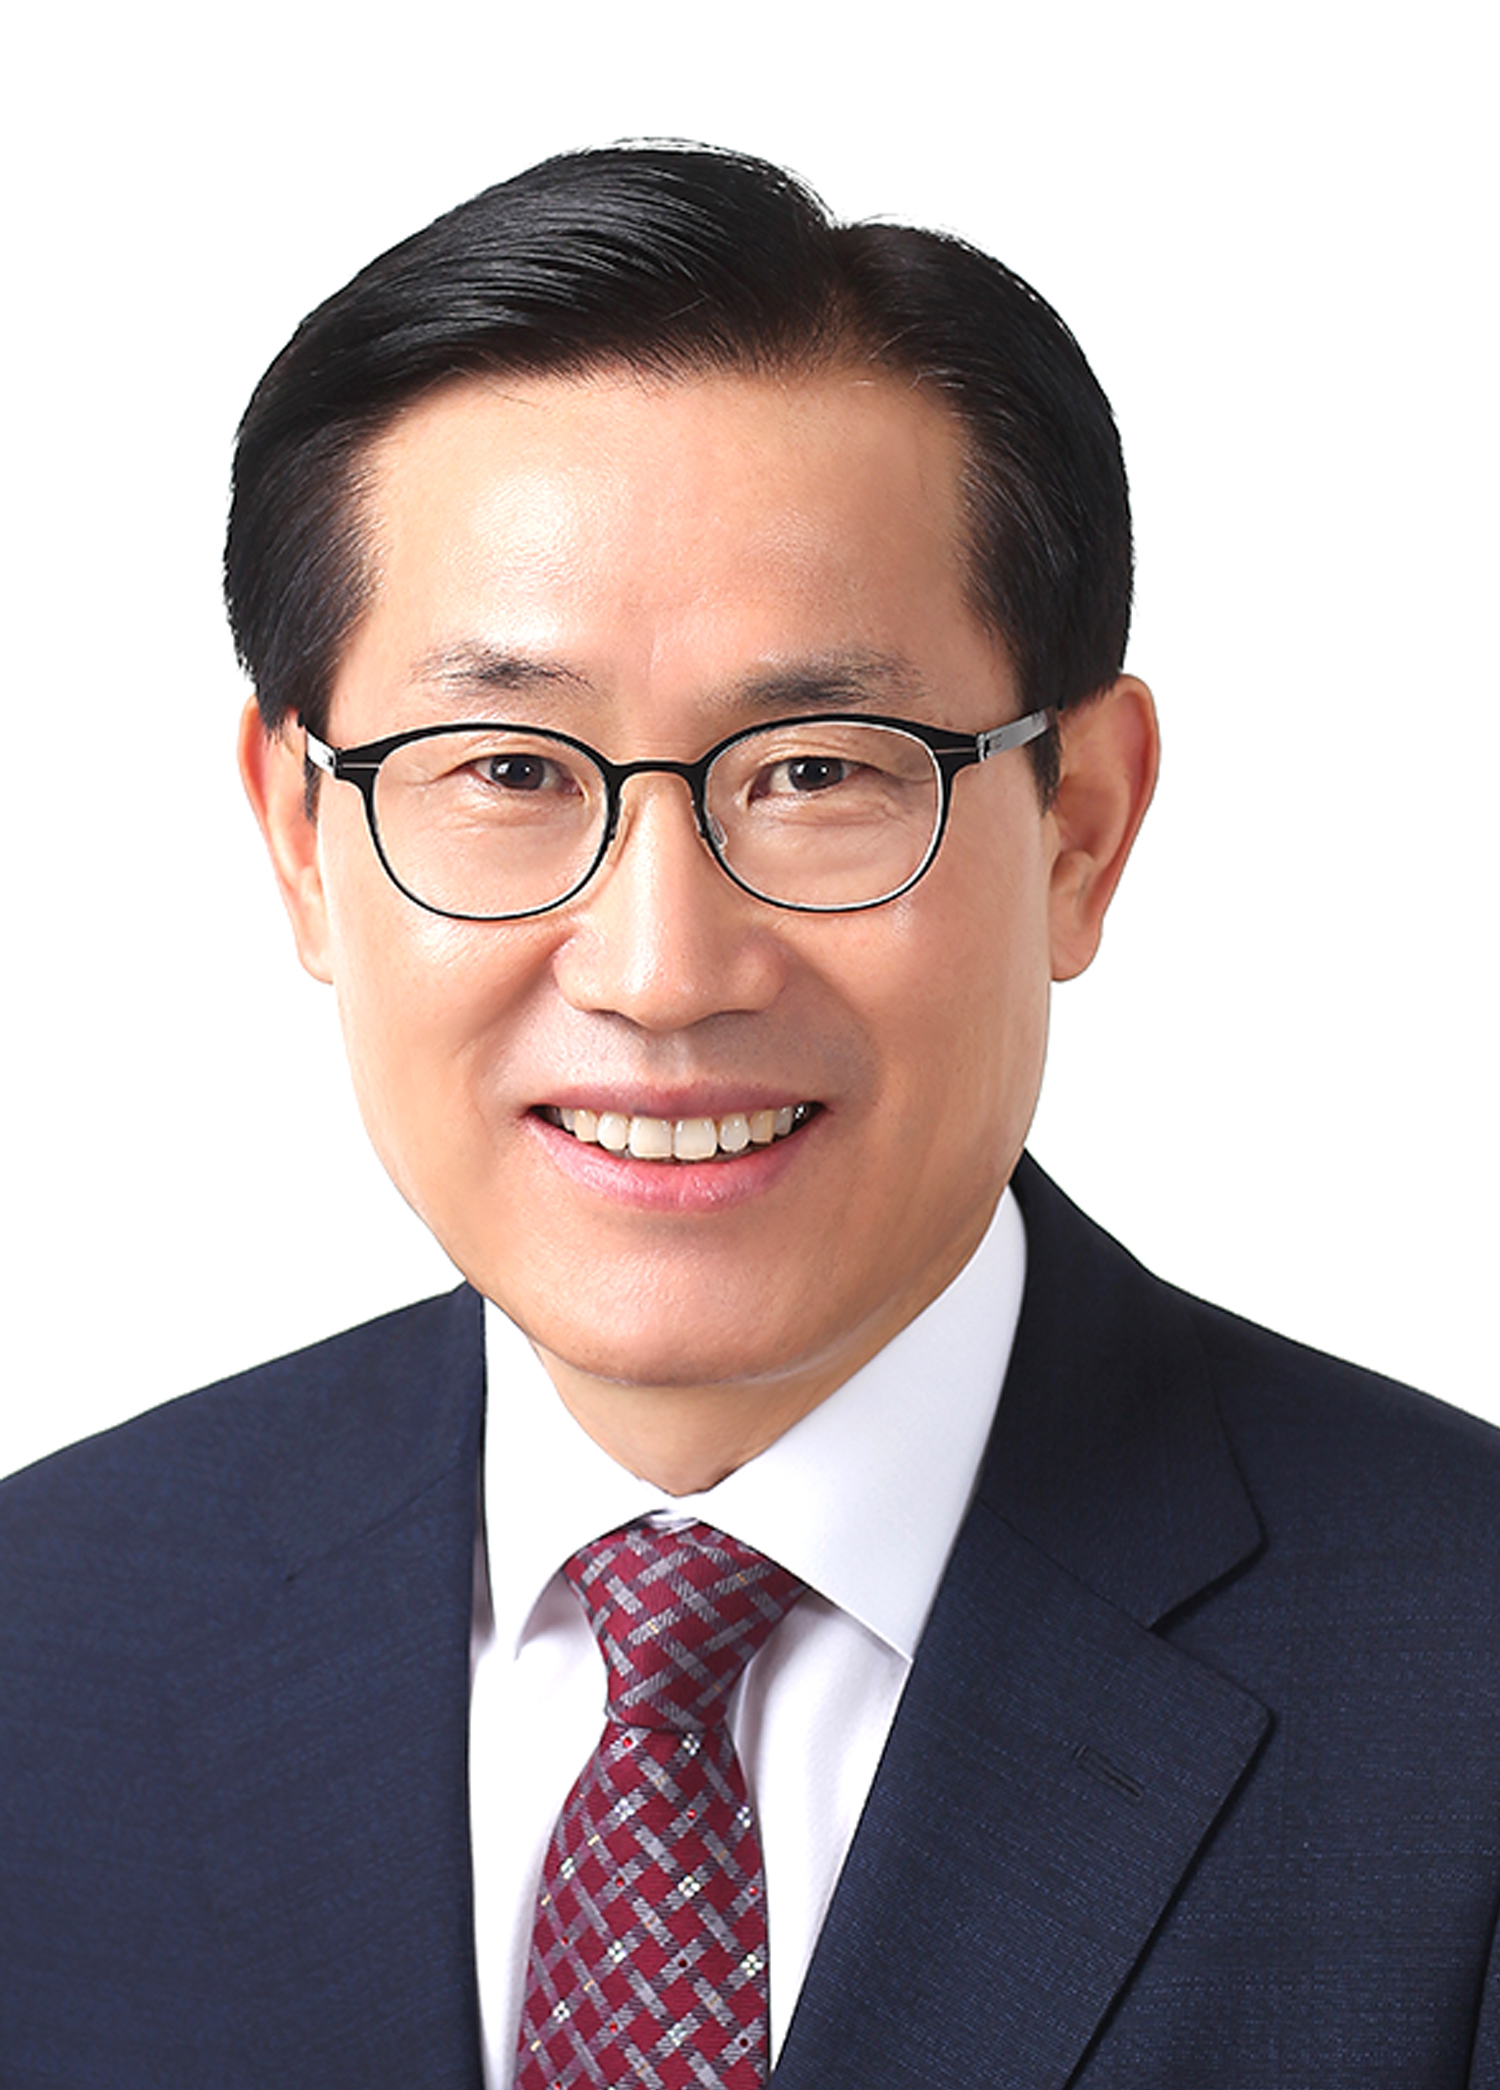 총회장 후보 류정호 목사